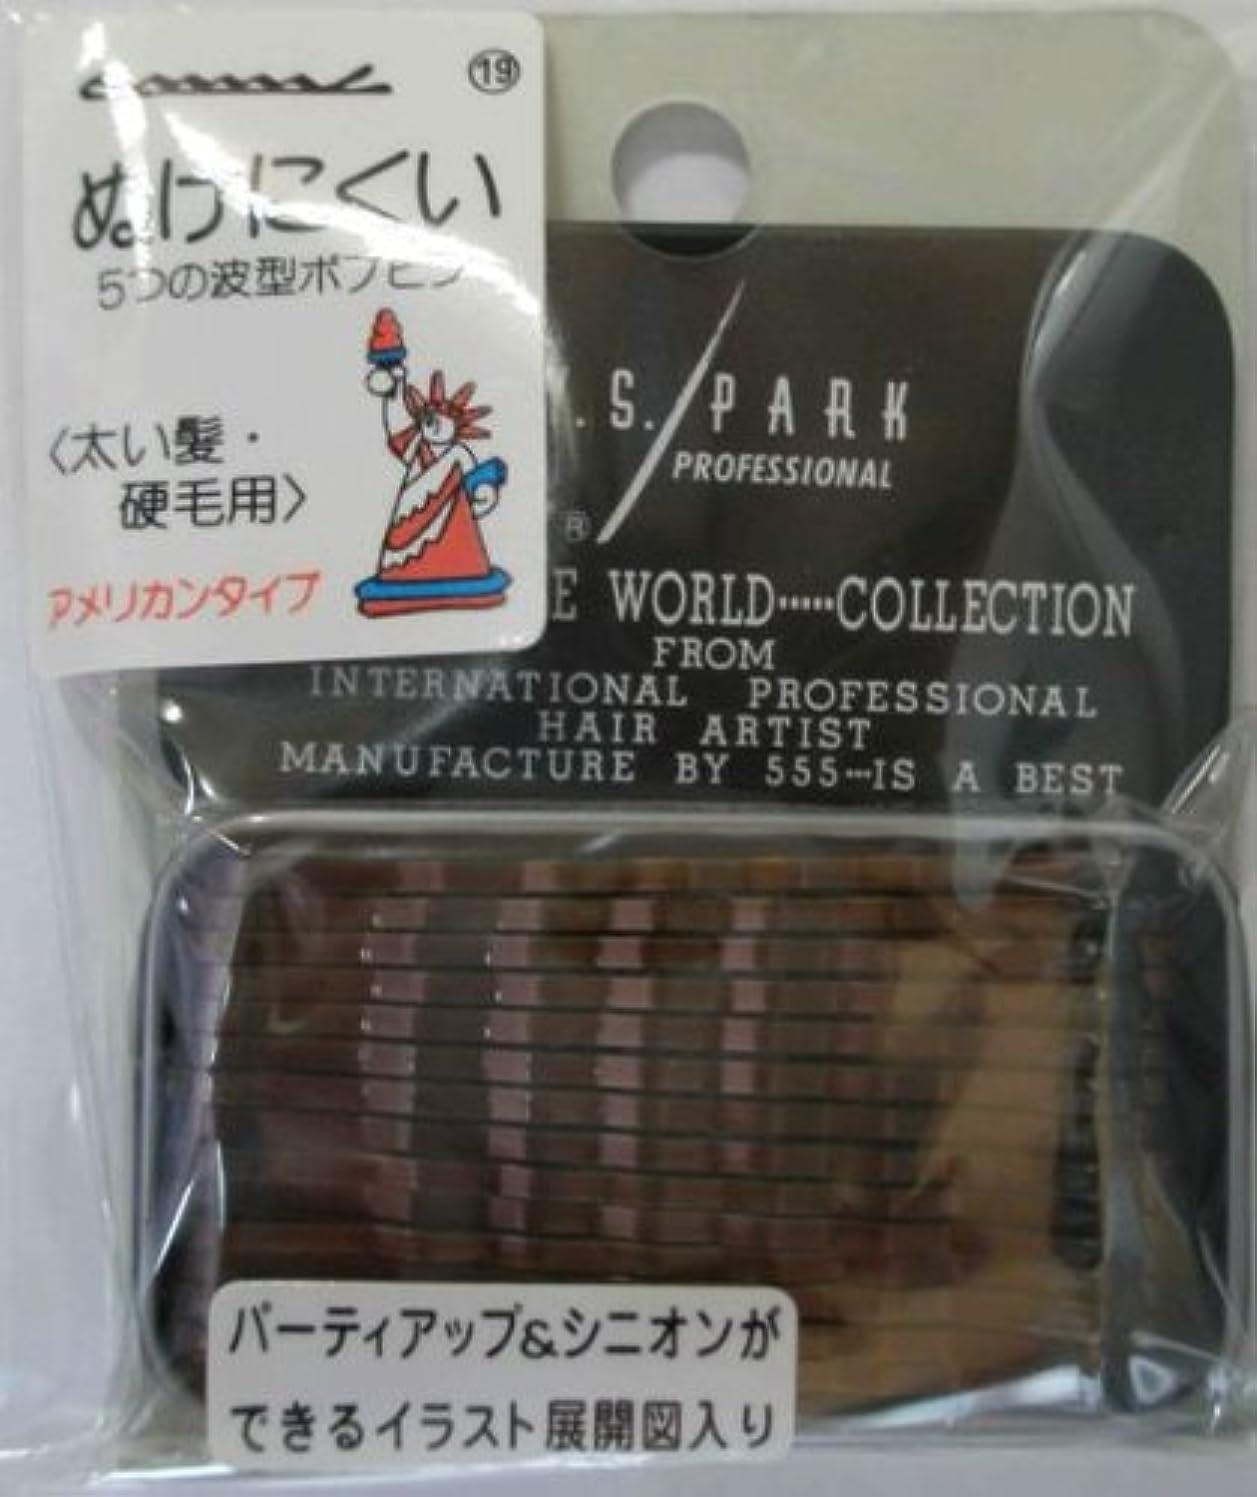 スピーチブラウスおしゃれじゃないY.S.PARK世界のヘアピンコレクションNo.19(太い髪?硬毛用)アメリカンタイプ40P